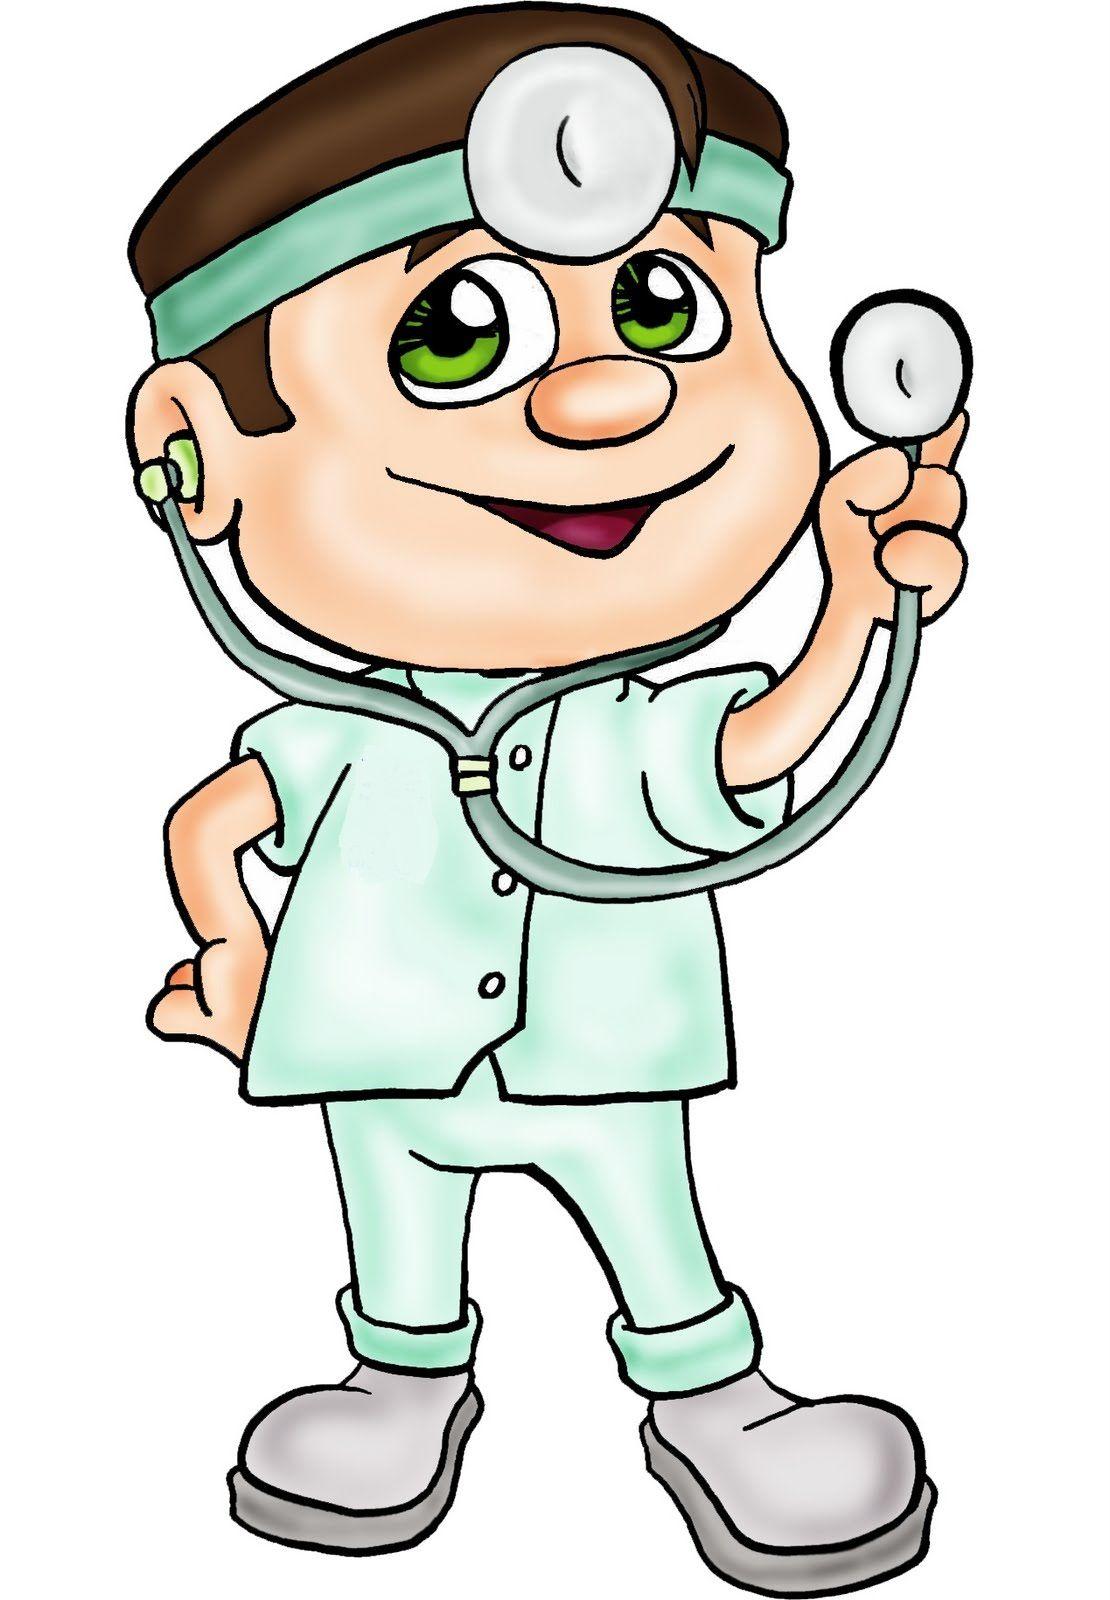 Medico Caricaturas Imagui Imagenes De Medicos Imagenes De Doctores Animados Medico Animado